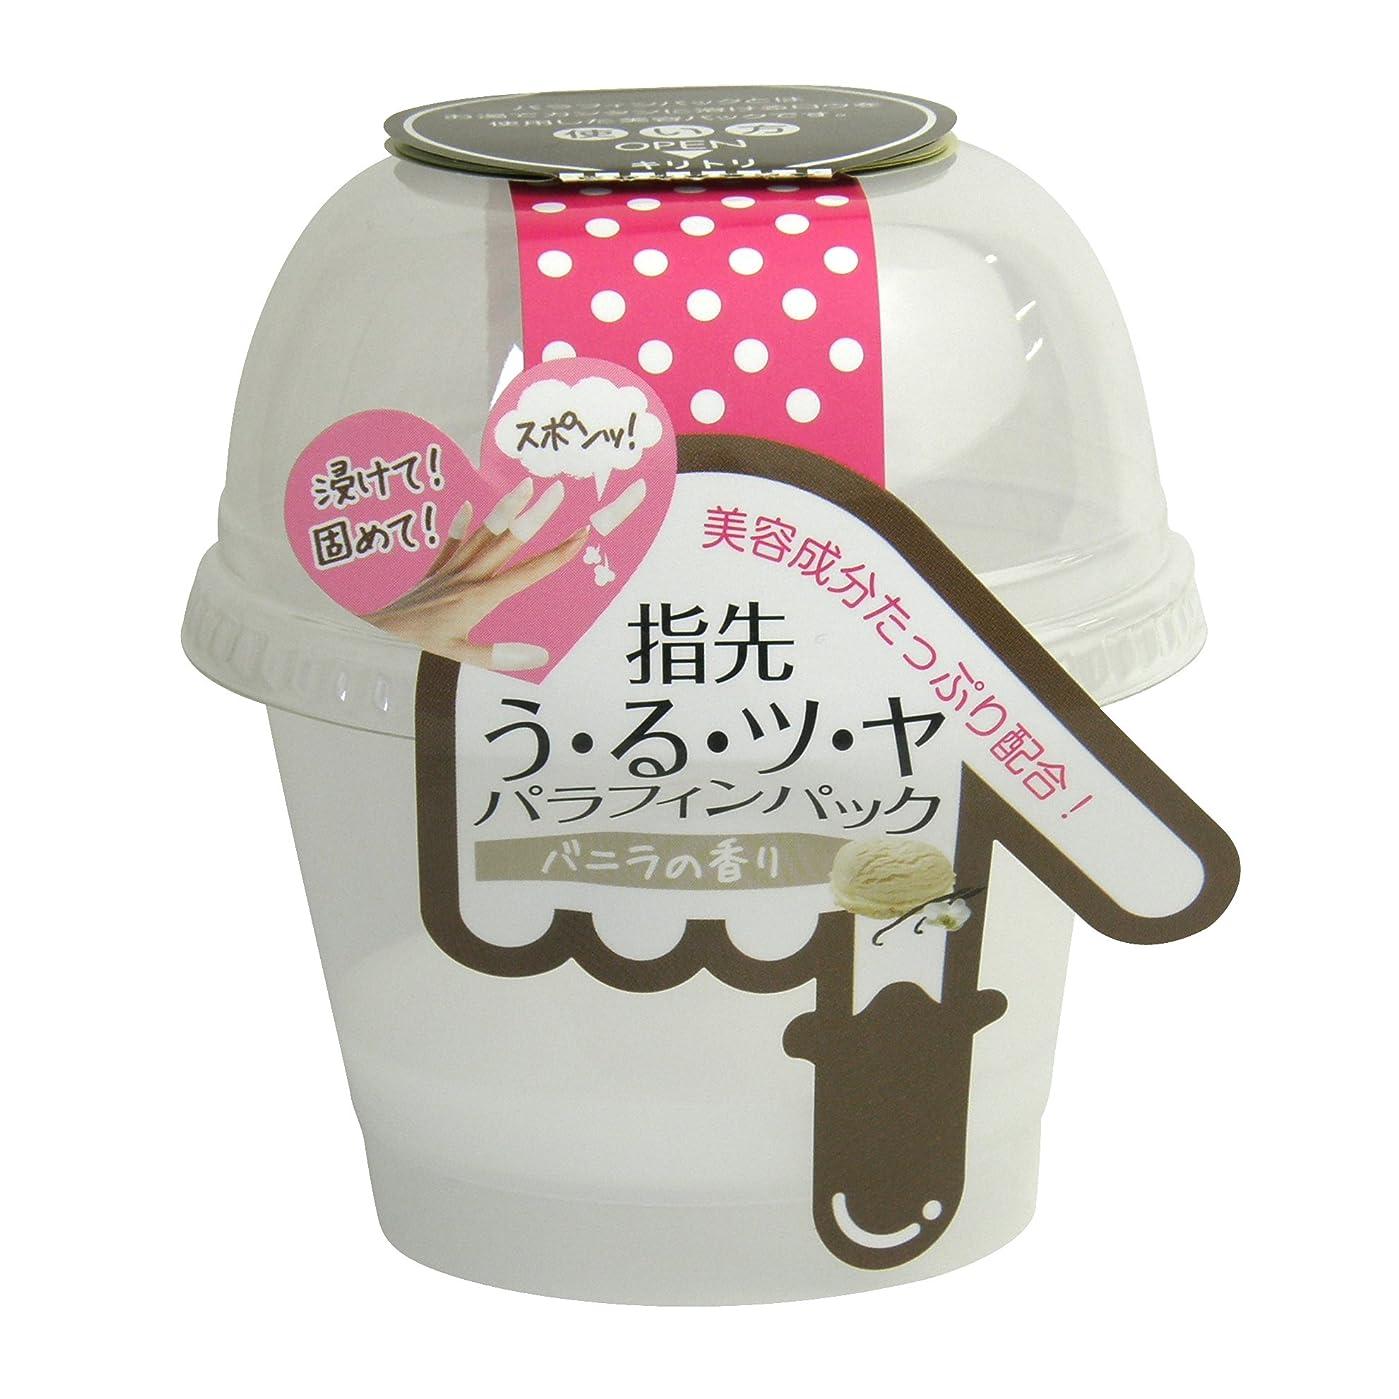 花弁堂々たる桁パラフィンガーモイストパック バニラ 10g